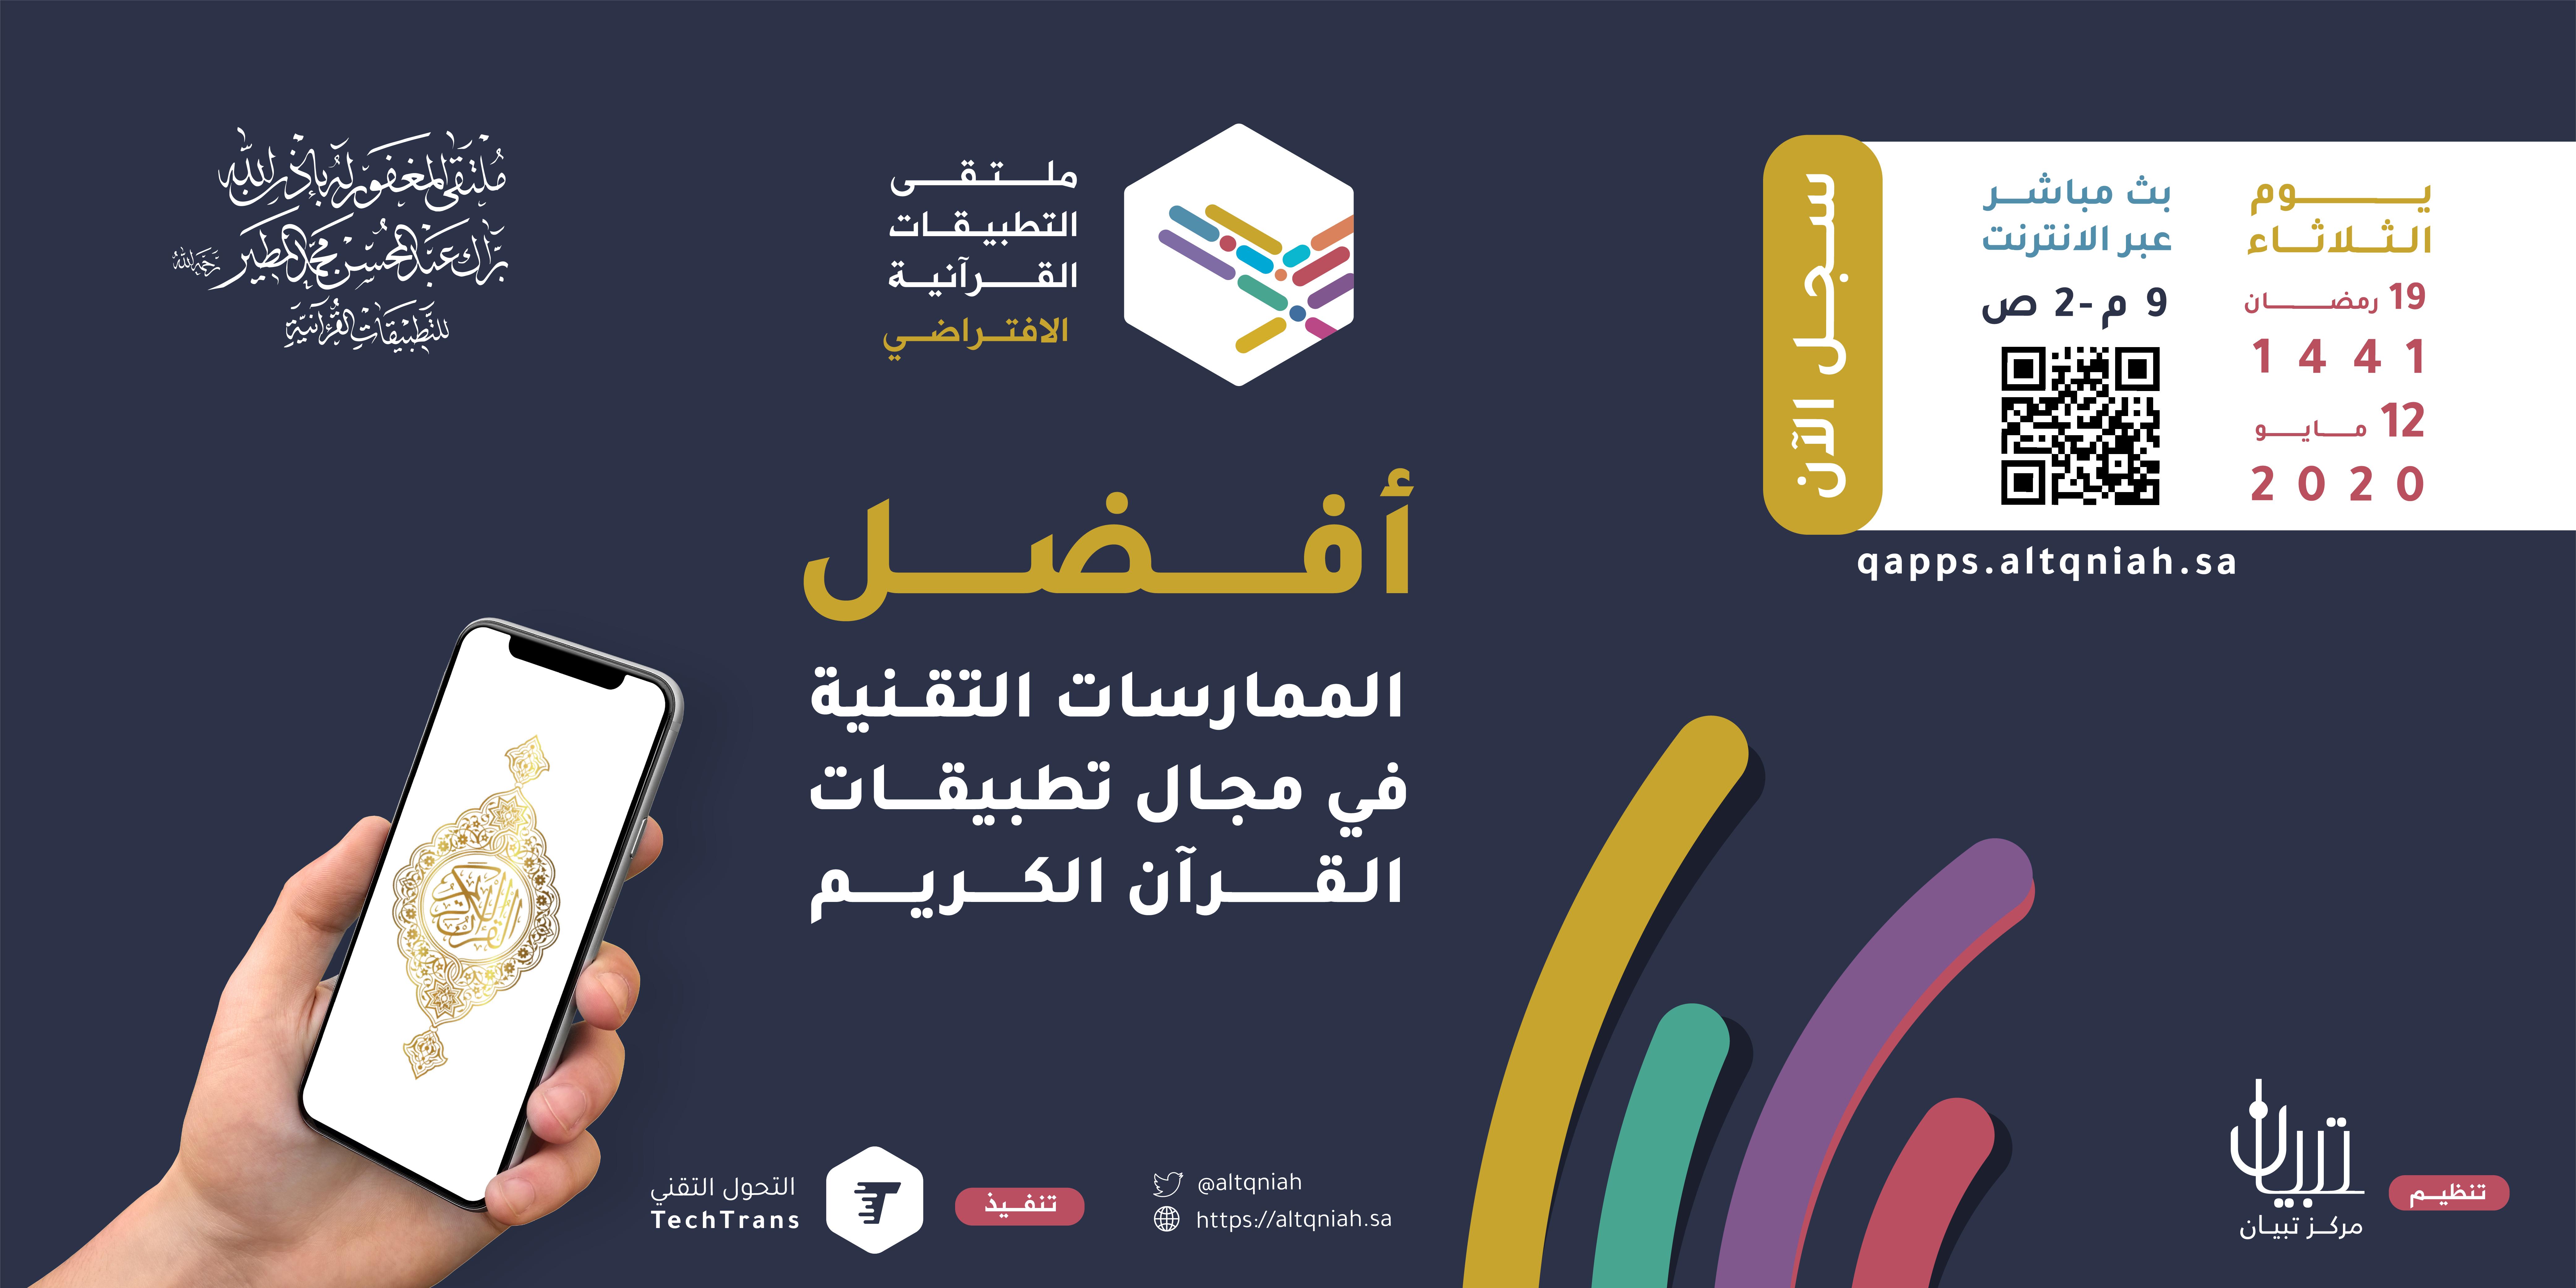 التحول التقني تعمل على تنفيذ مؤتمر التطبيقات القرآنية الافتراضي